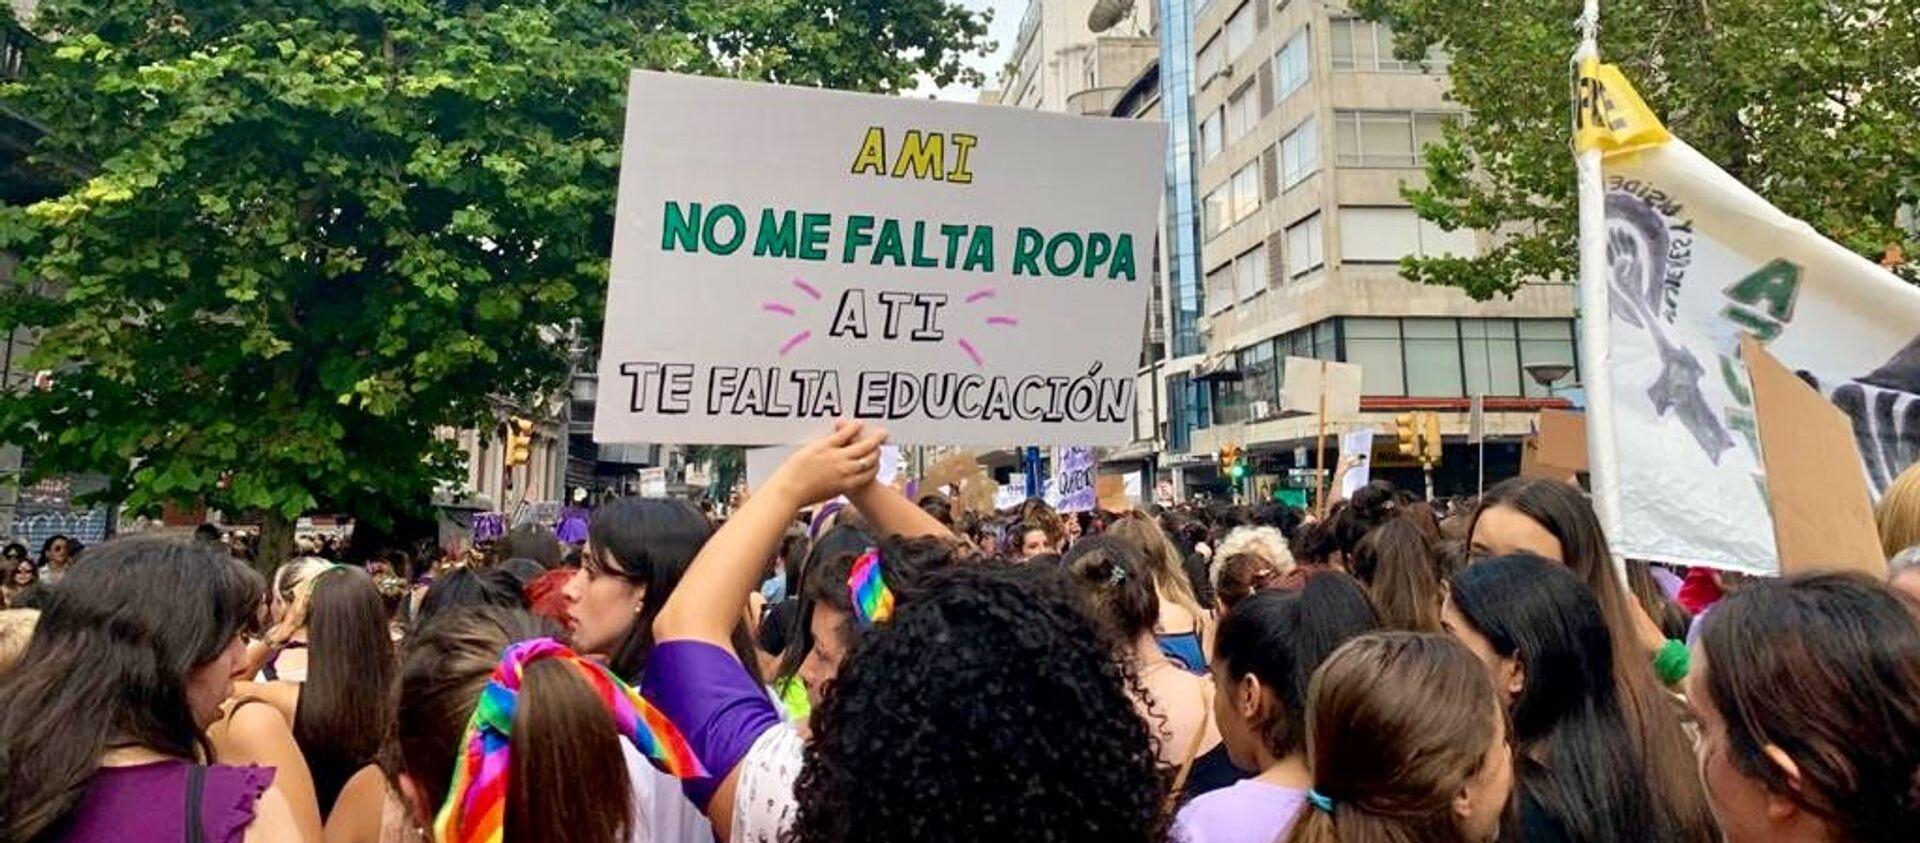 Mujeres sostienen una pancarta durante la marcha del 8M en Montevideo, Uruguay - Sputnik Mundo, 1920, 22.07.2020